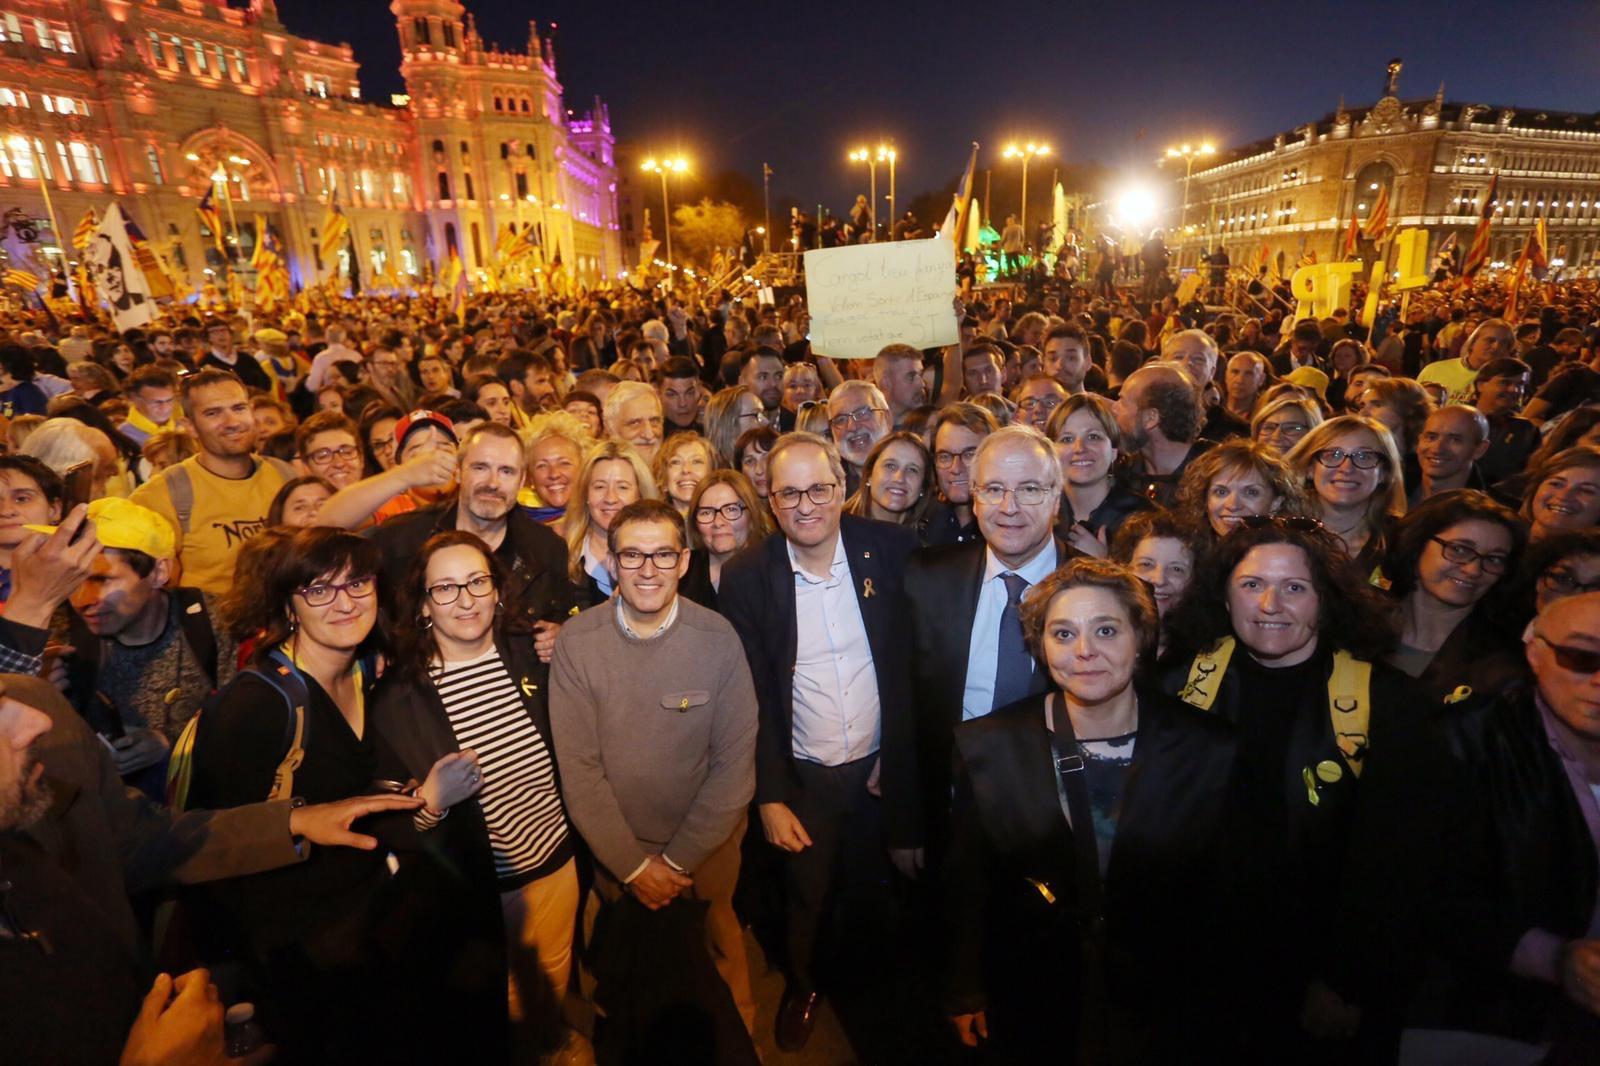 Foto a una manifestació amb el MHP Quim Torra